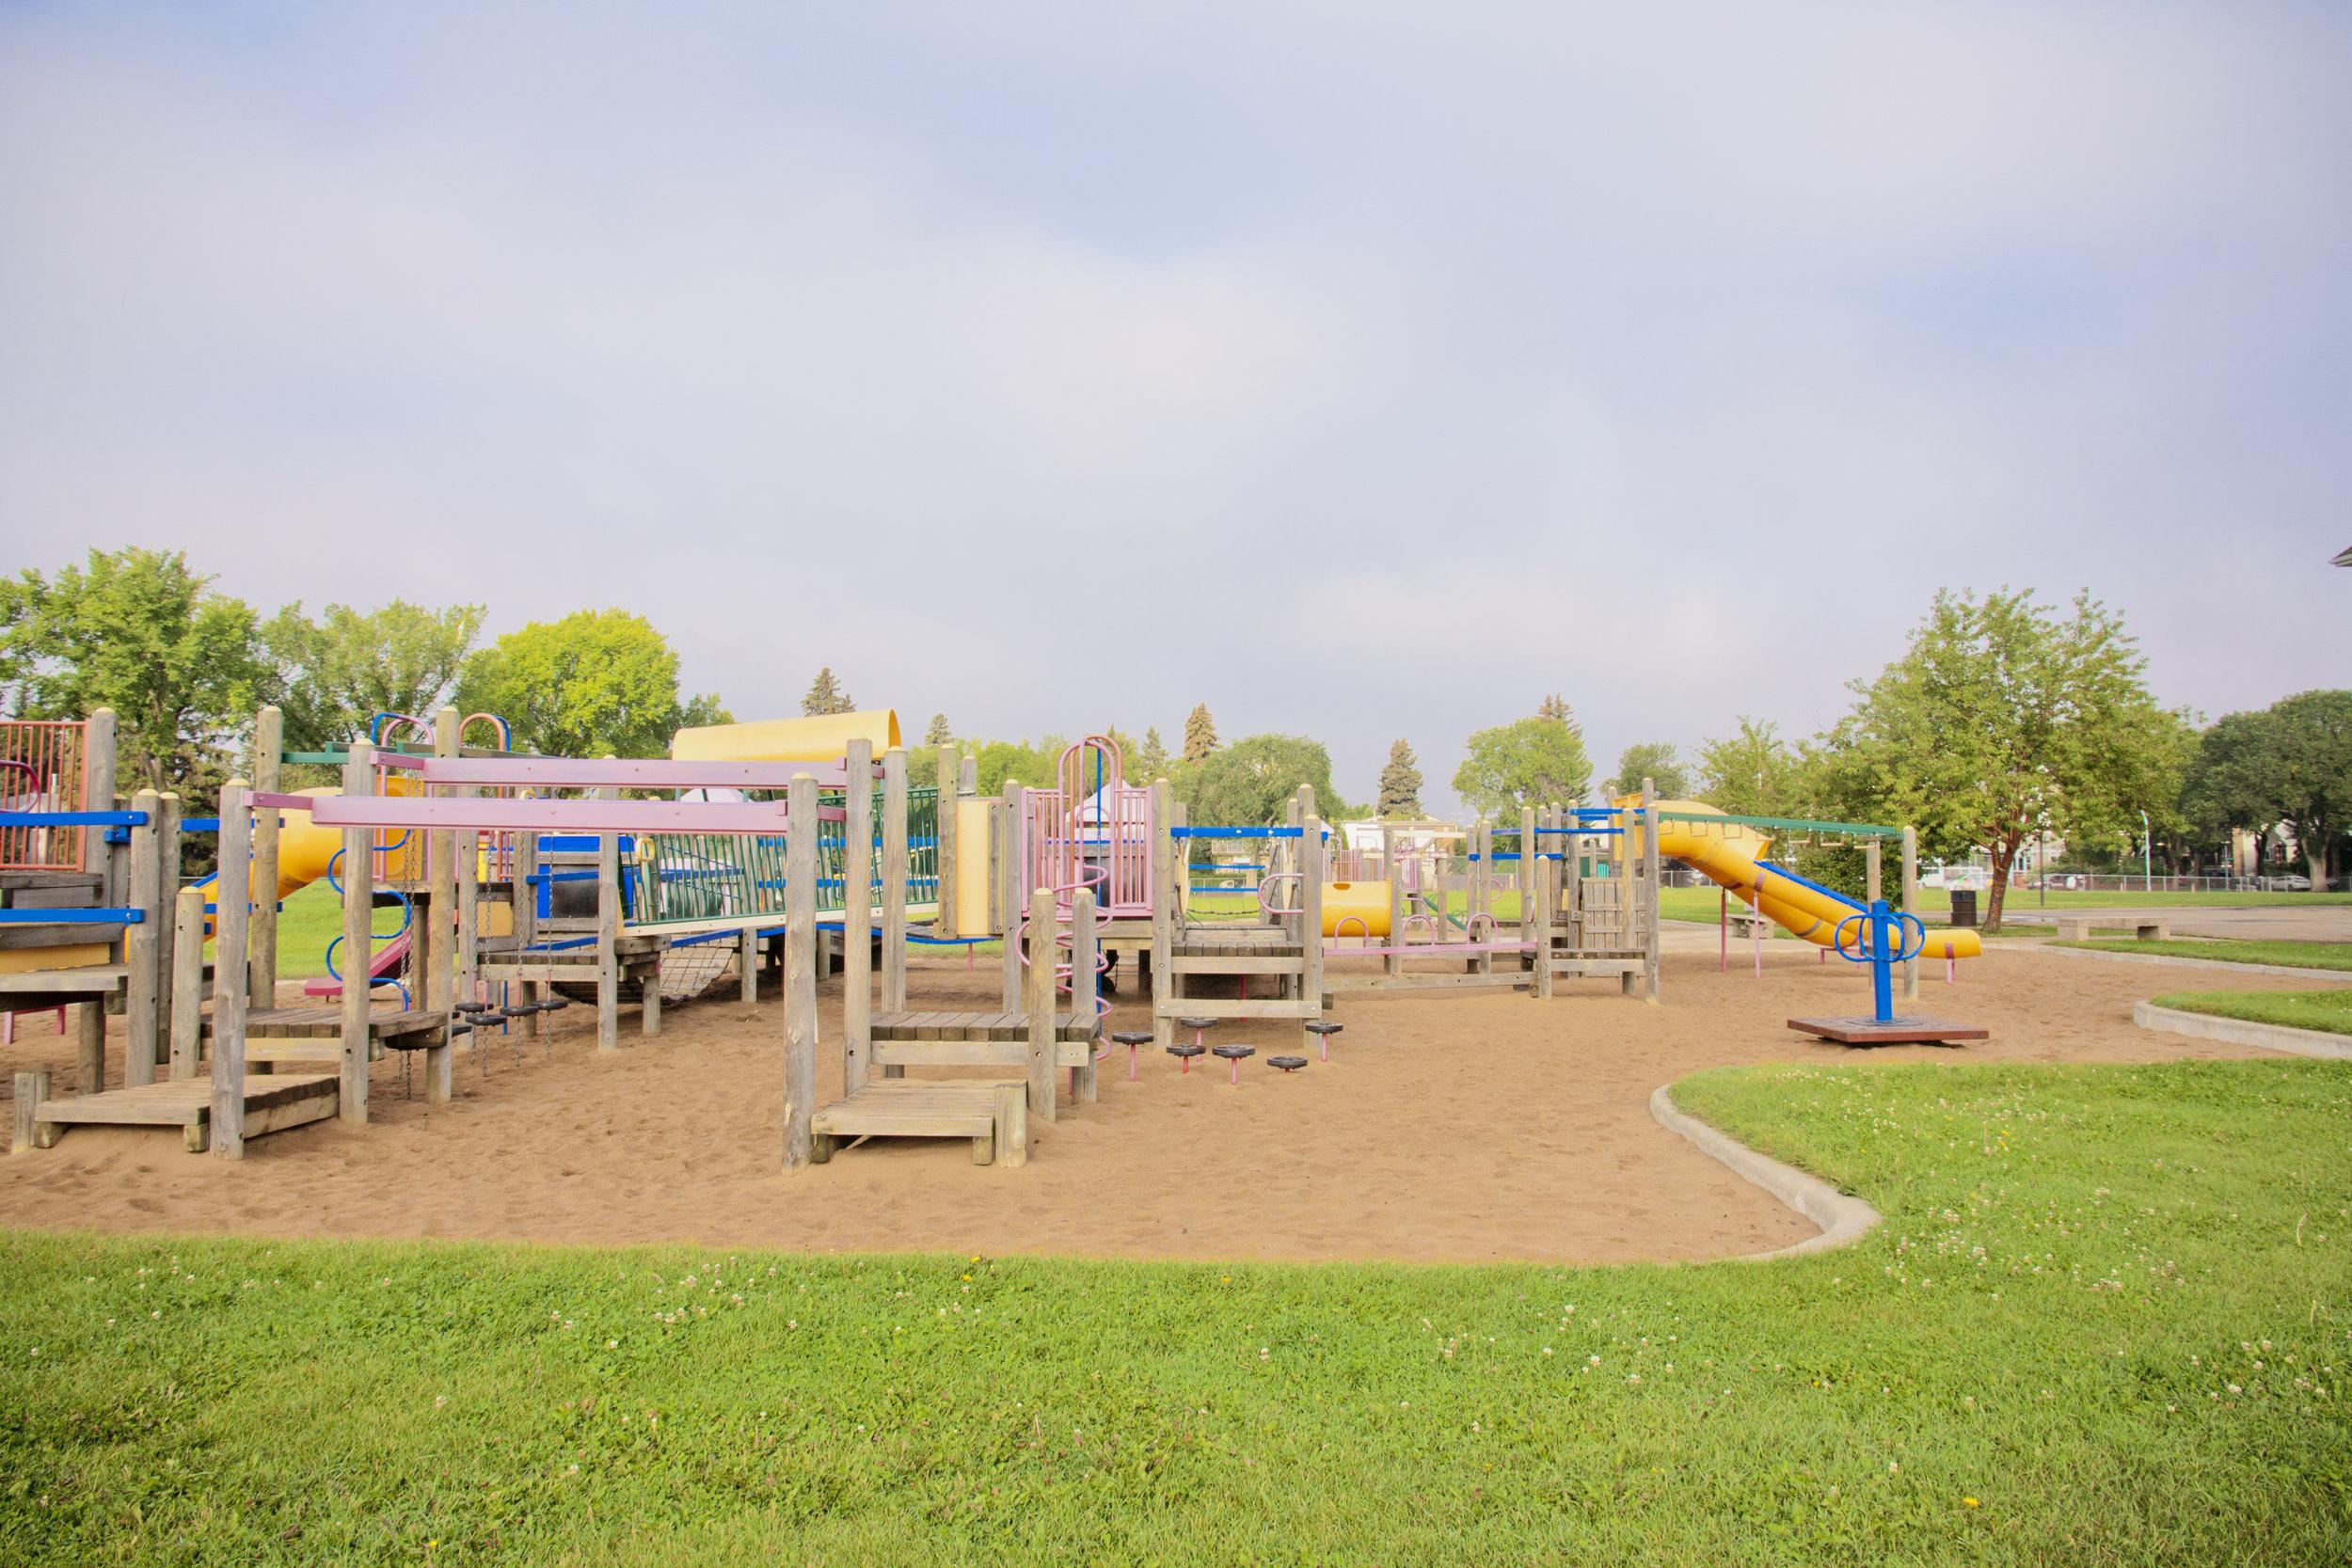 IMG_3173_Playground.jpg